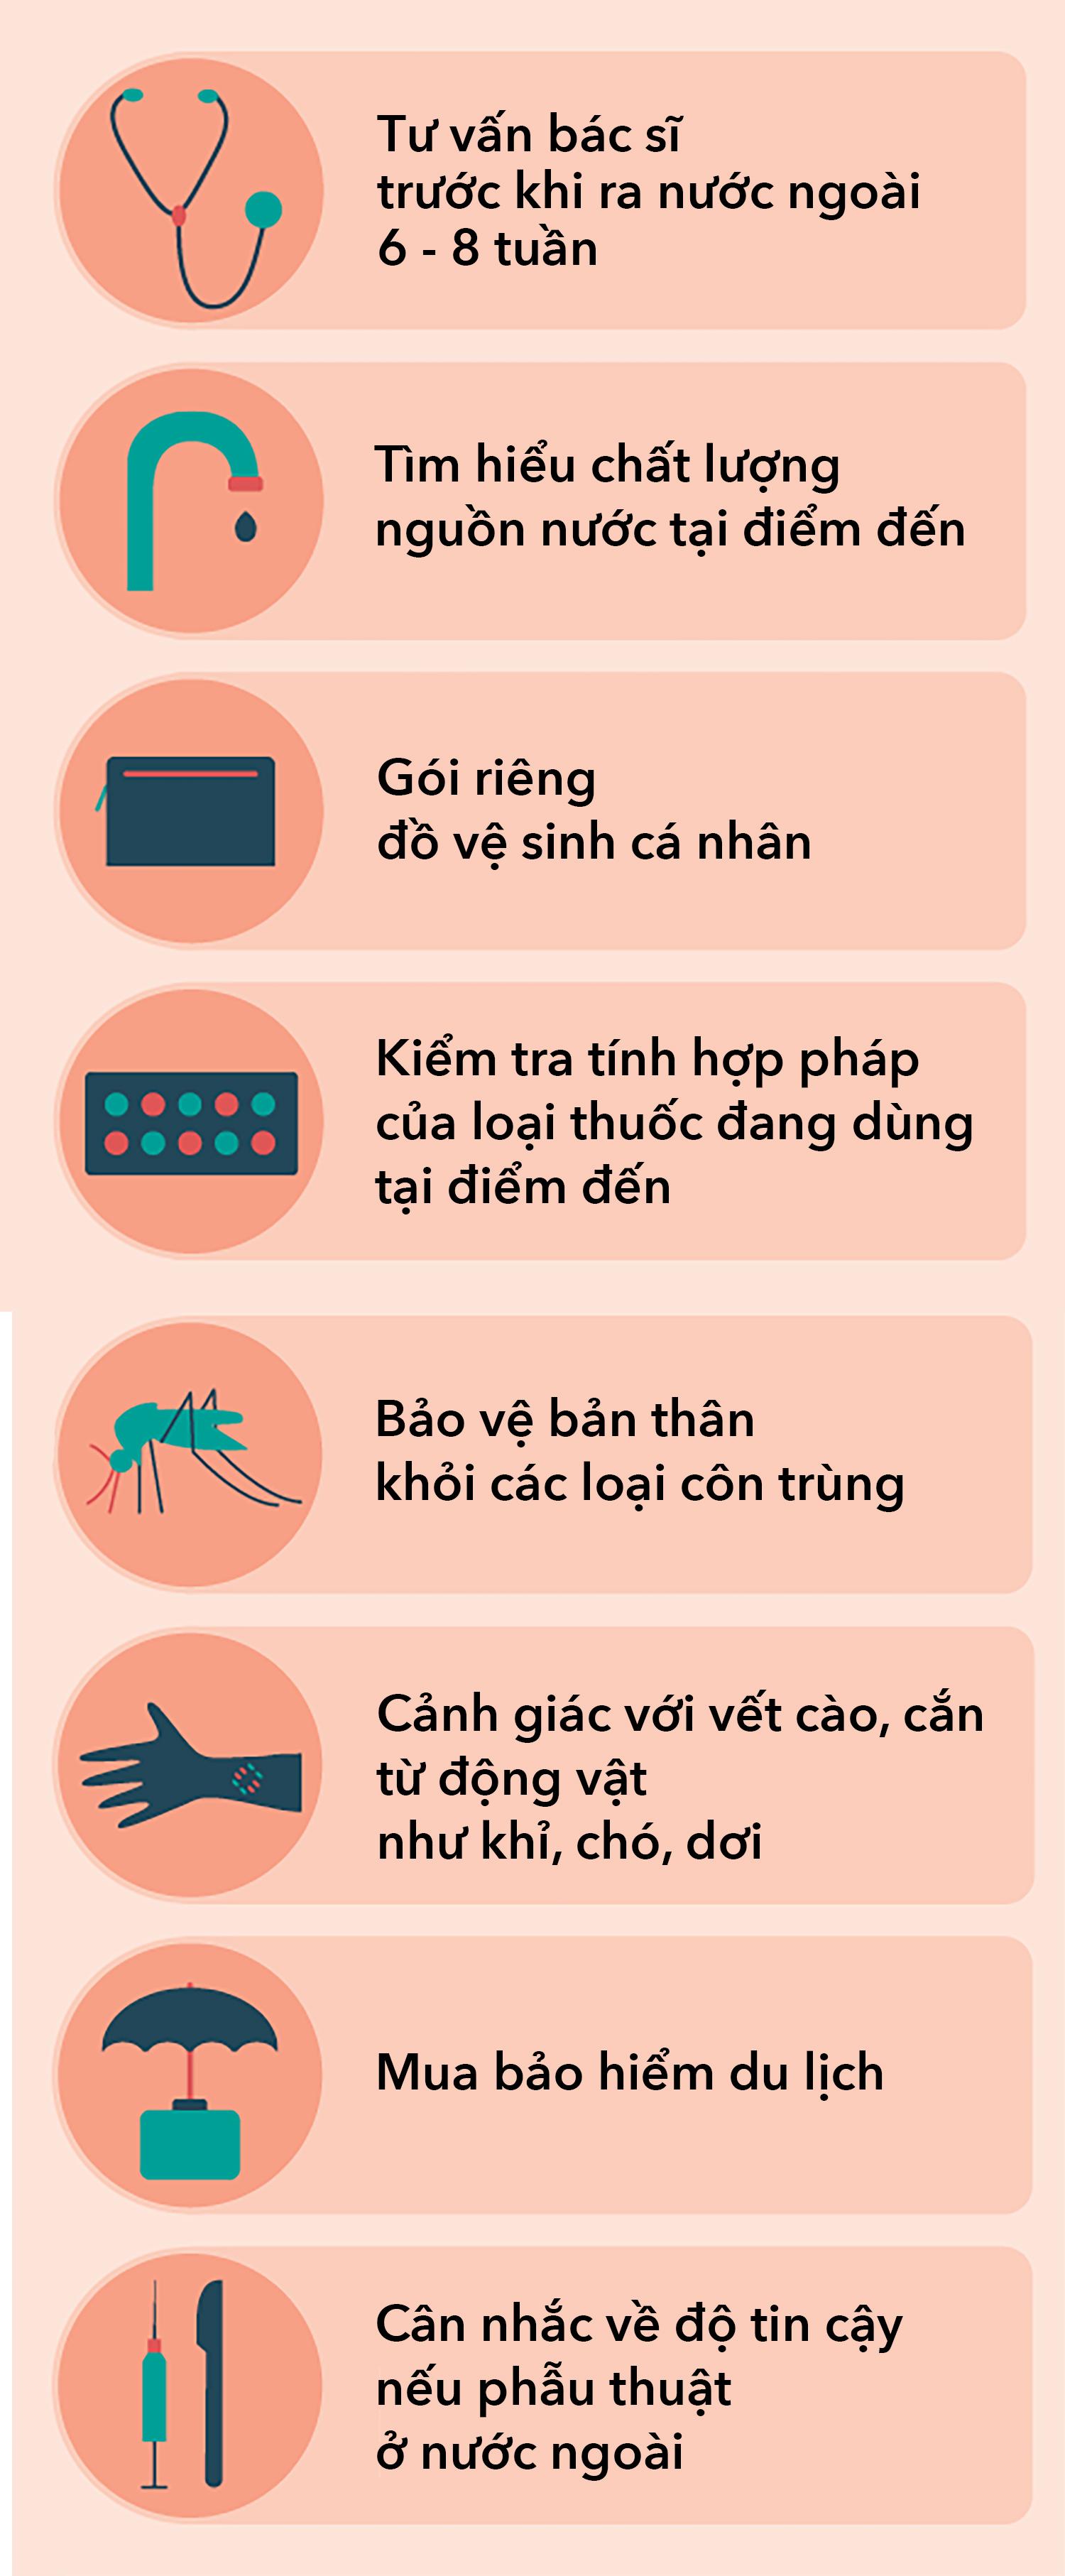 Cách bảo vệ sức khoẻ khi du lịch nước ngoài